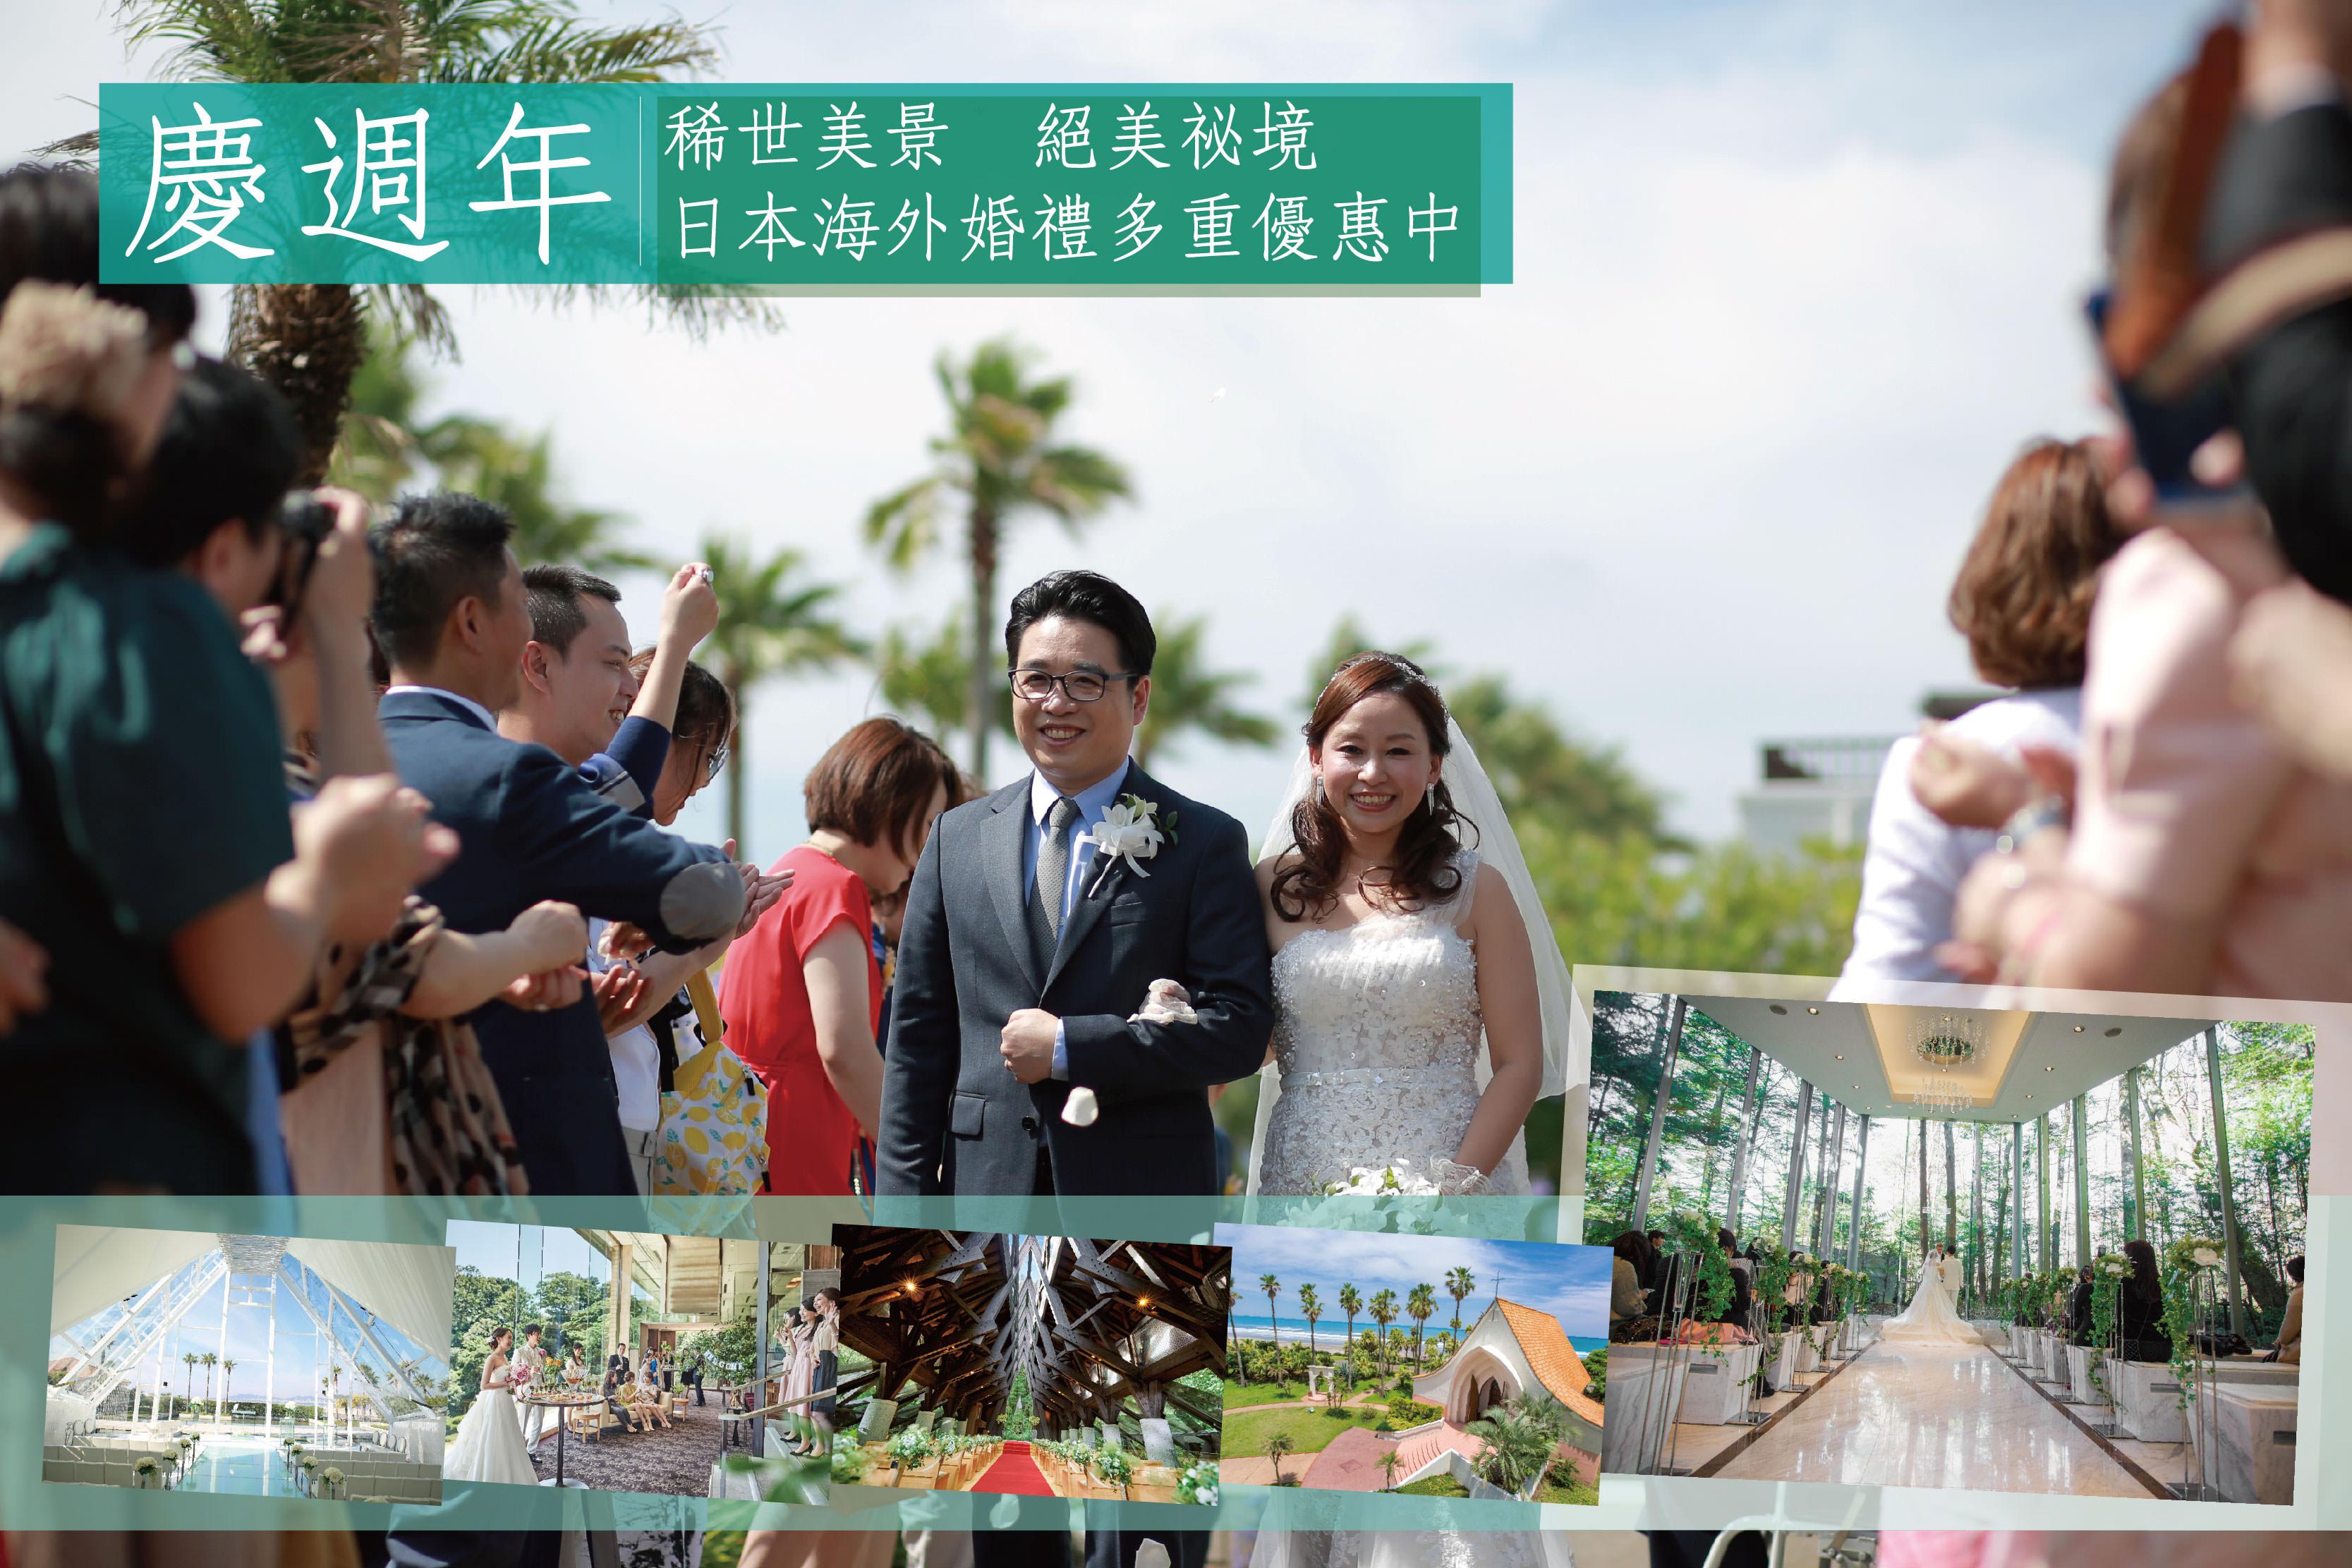 獨家日本婚禮教堂搶優惠(このコンテンツは海外在住者のみ適用となっております)